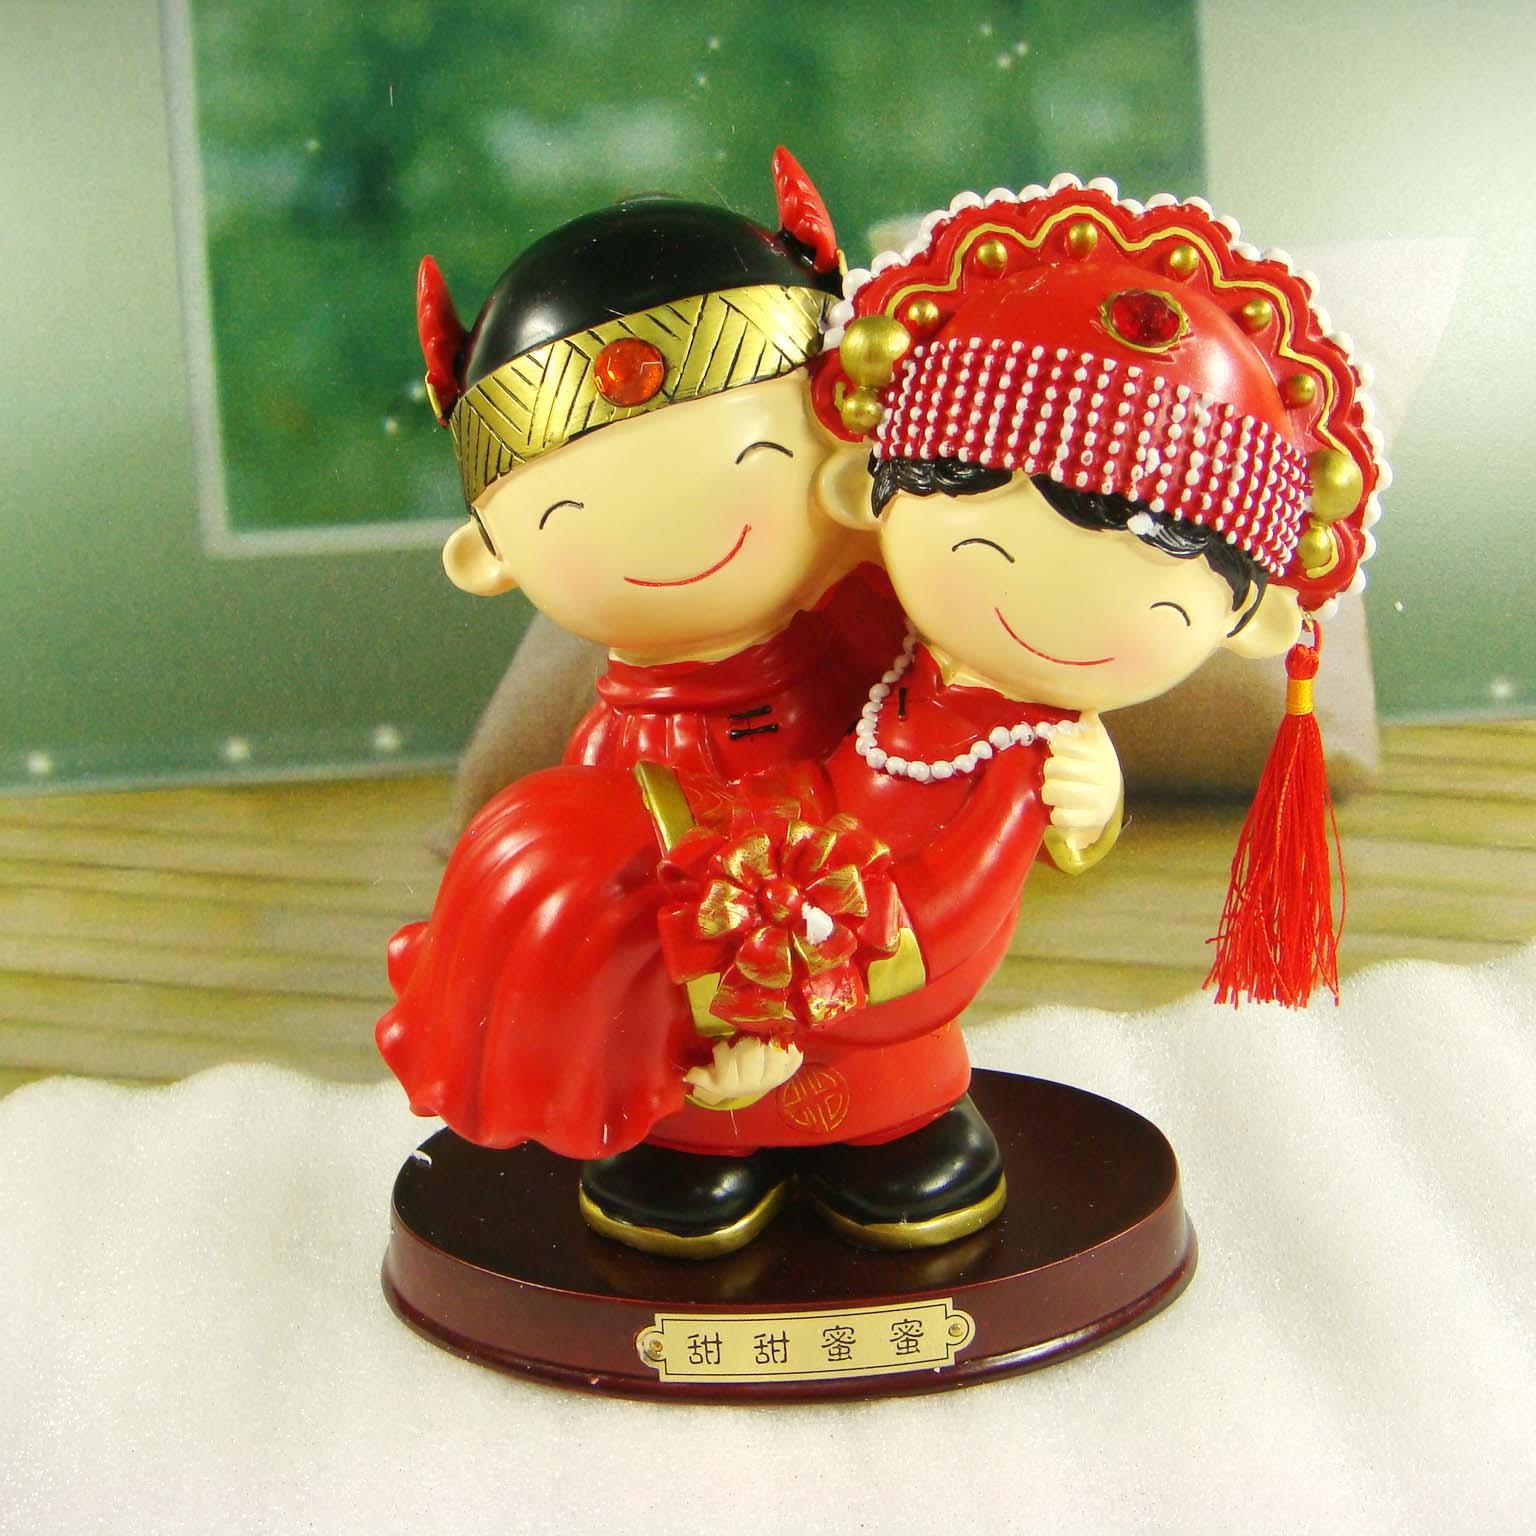 结婚如何送礼? 详解不同关系送礼3大技巧